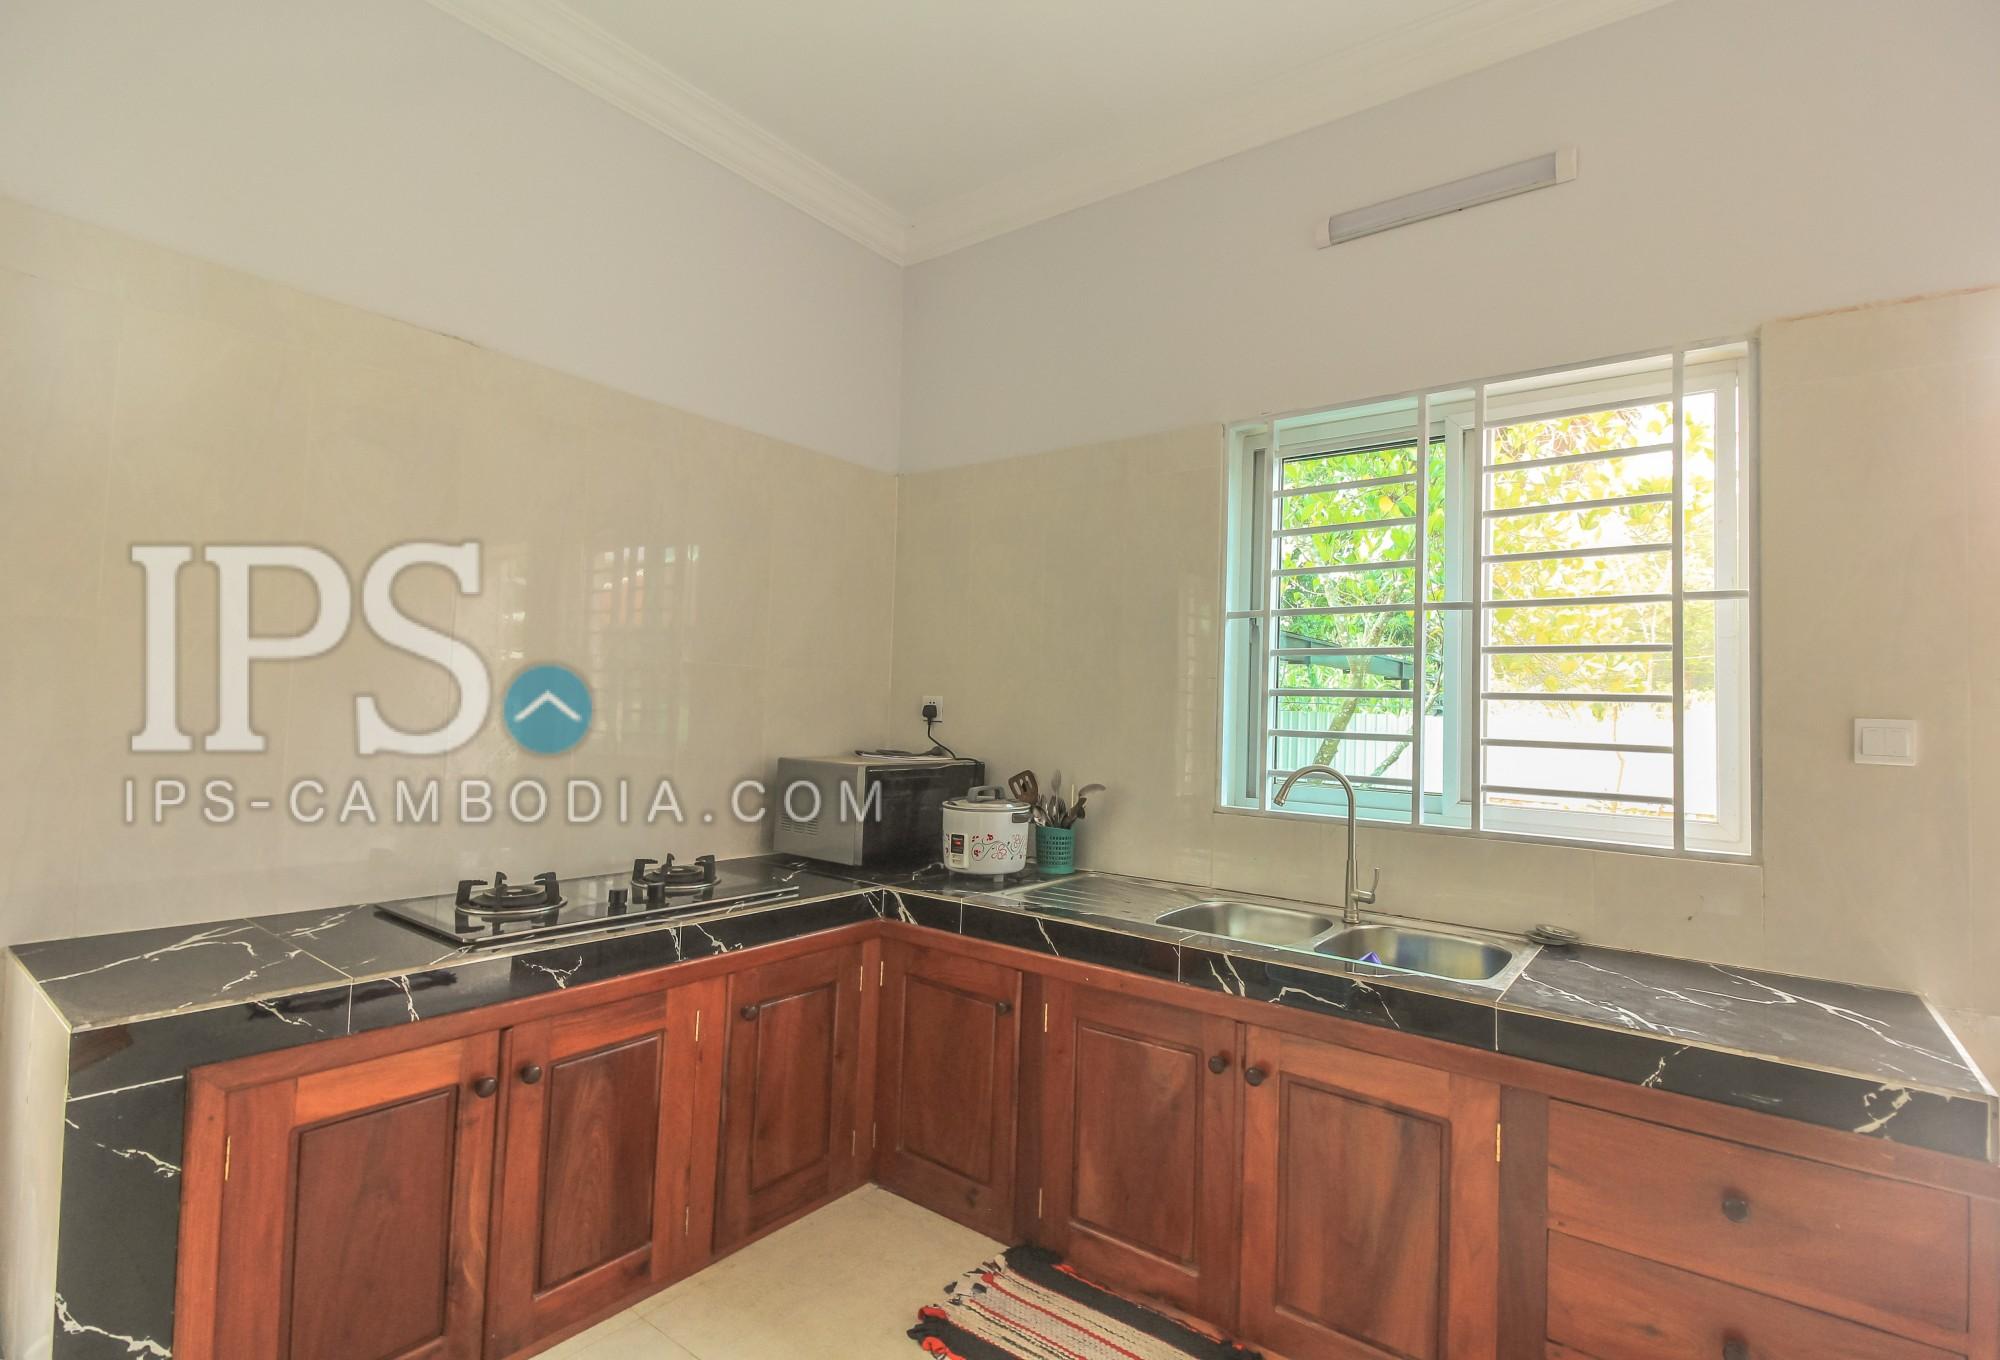 3 Bedroom Family Villa For Rent - Siem Reap